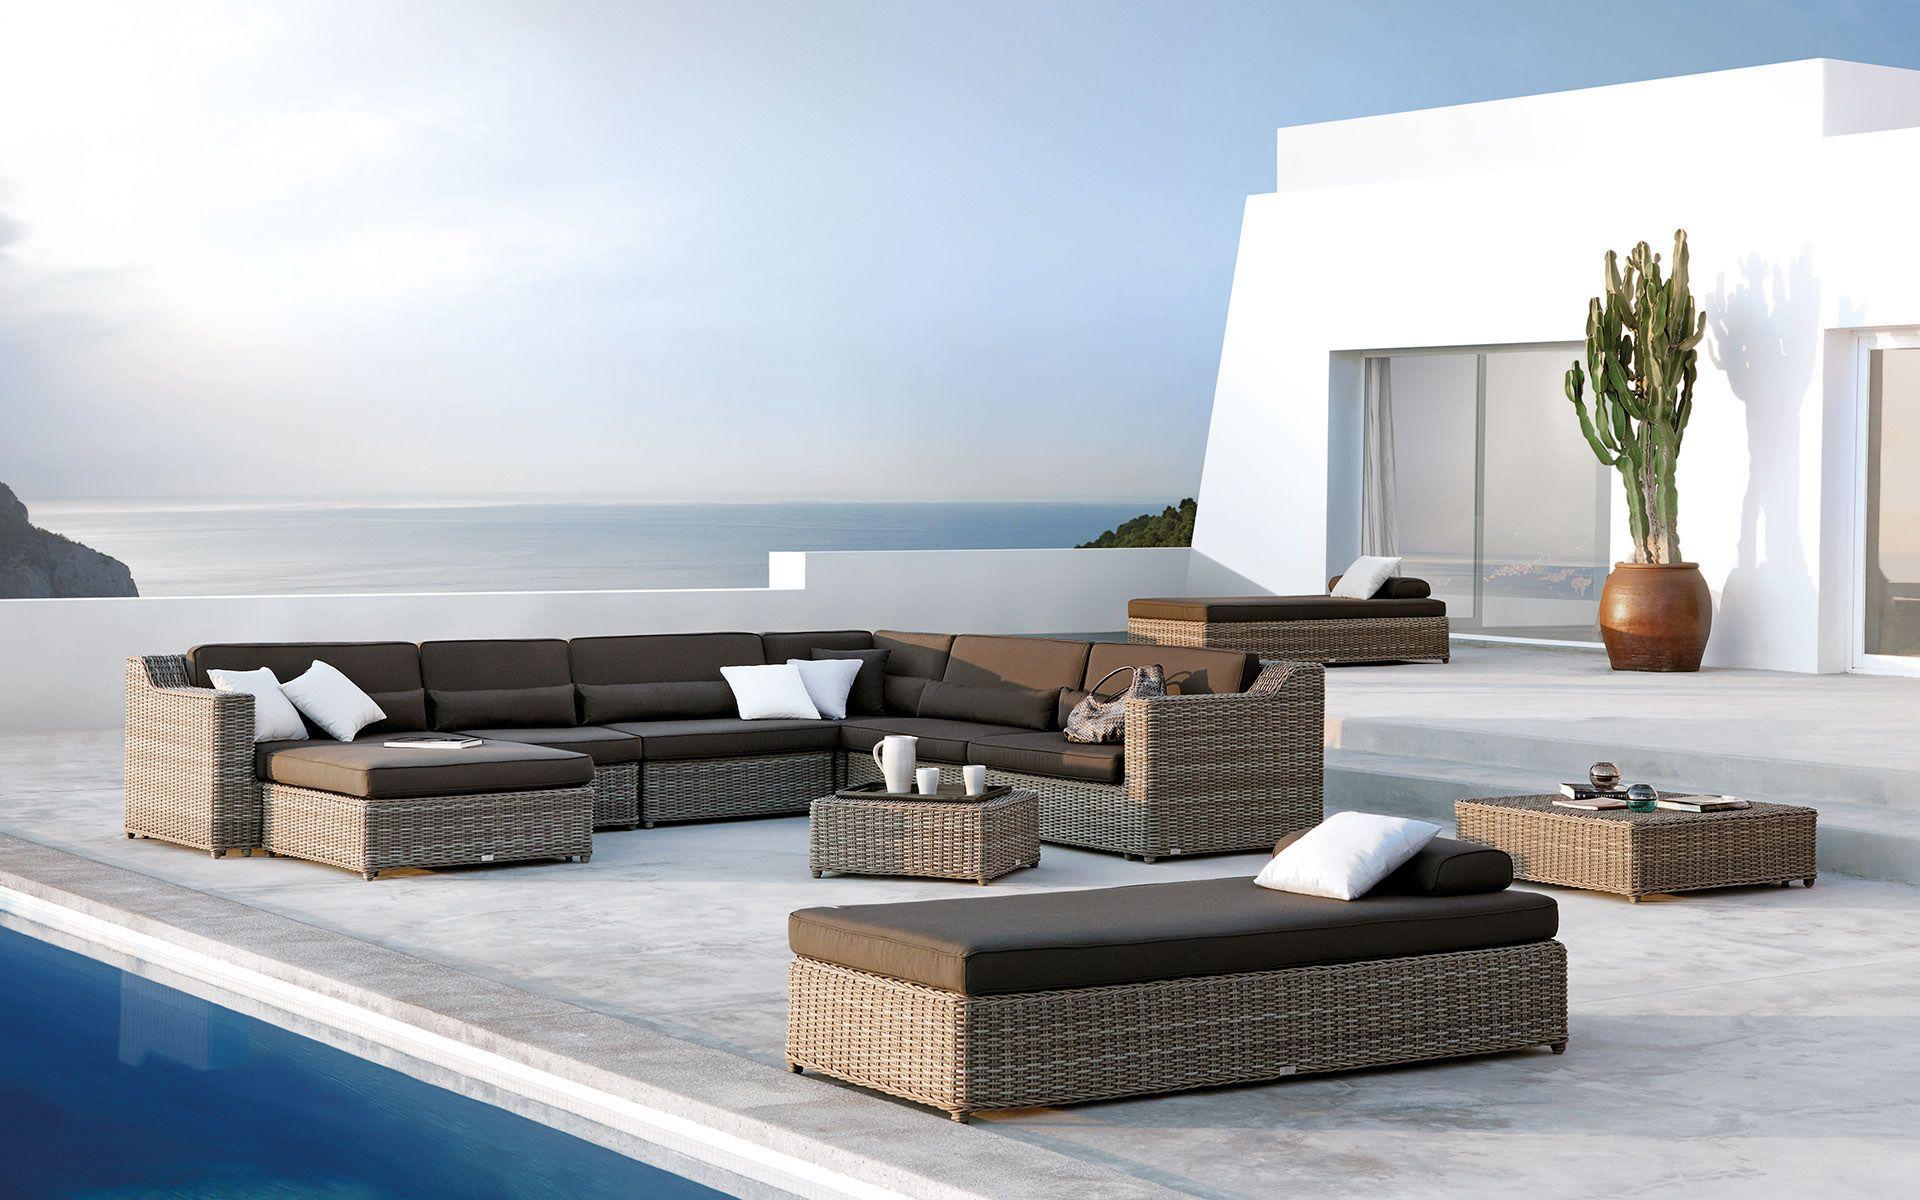 Muebles y Sofás de exterior